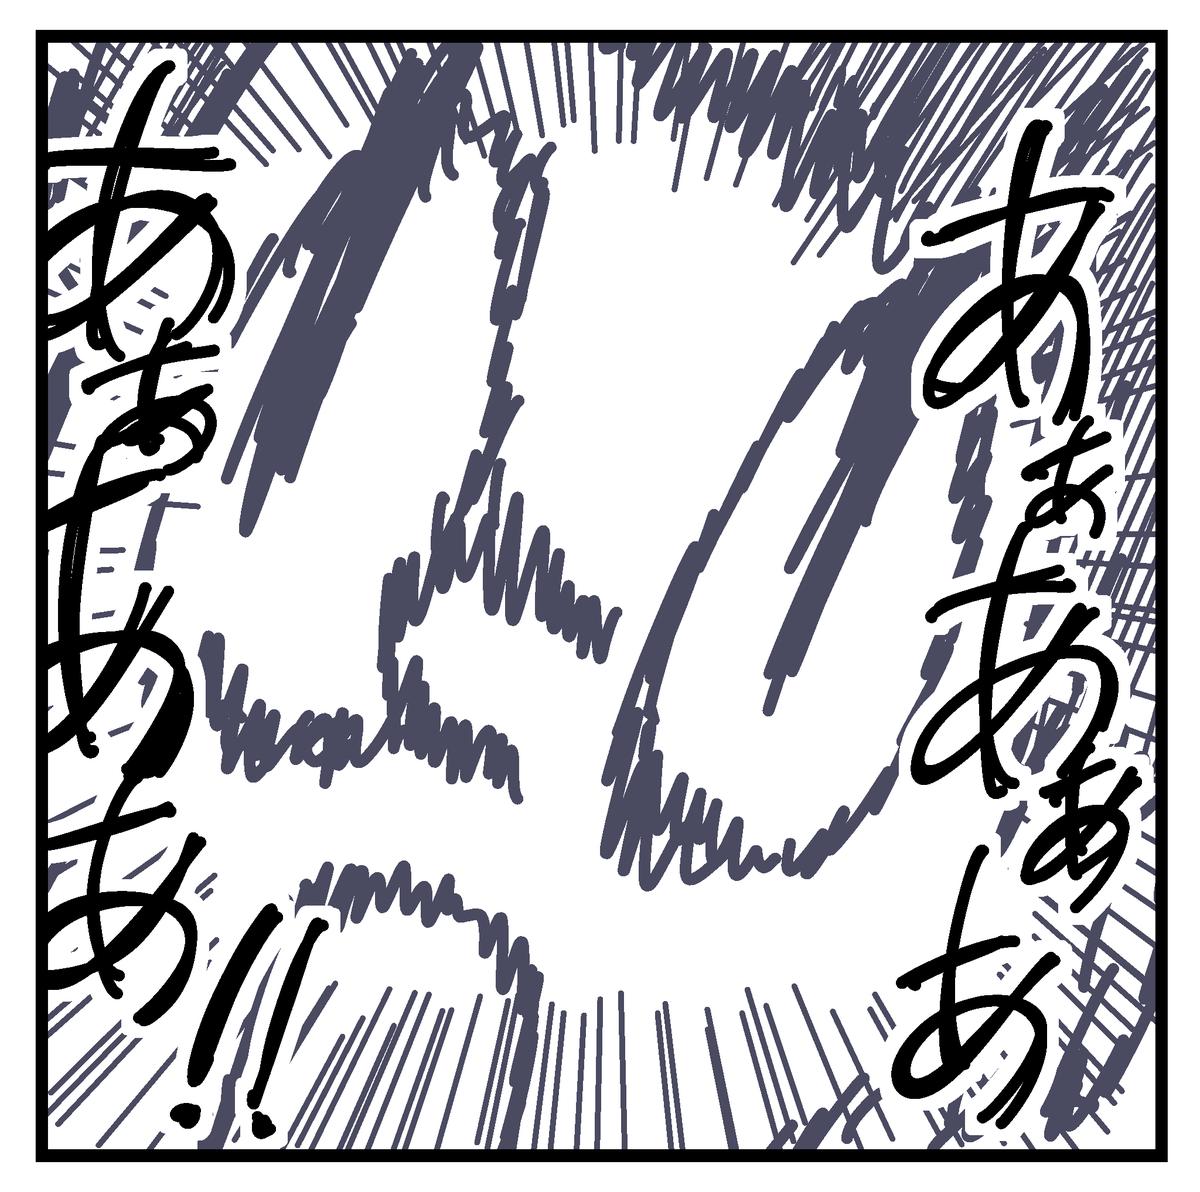 f:id:YuruFuwaTa:20200528151102p:plain